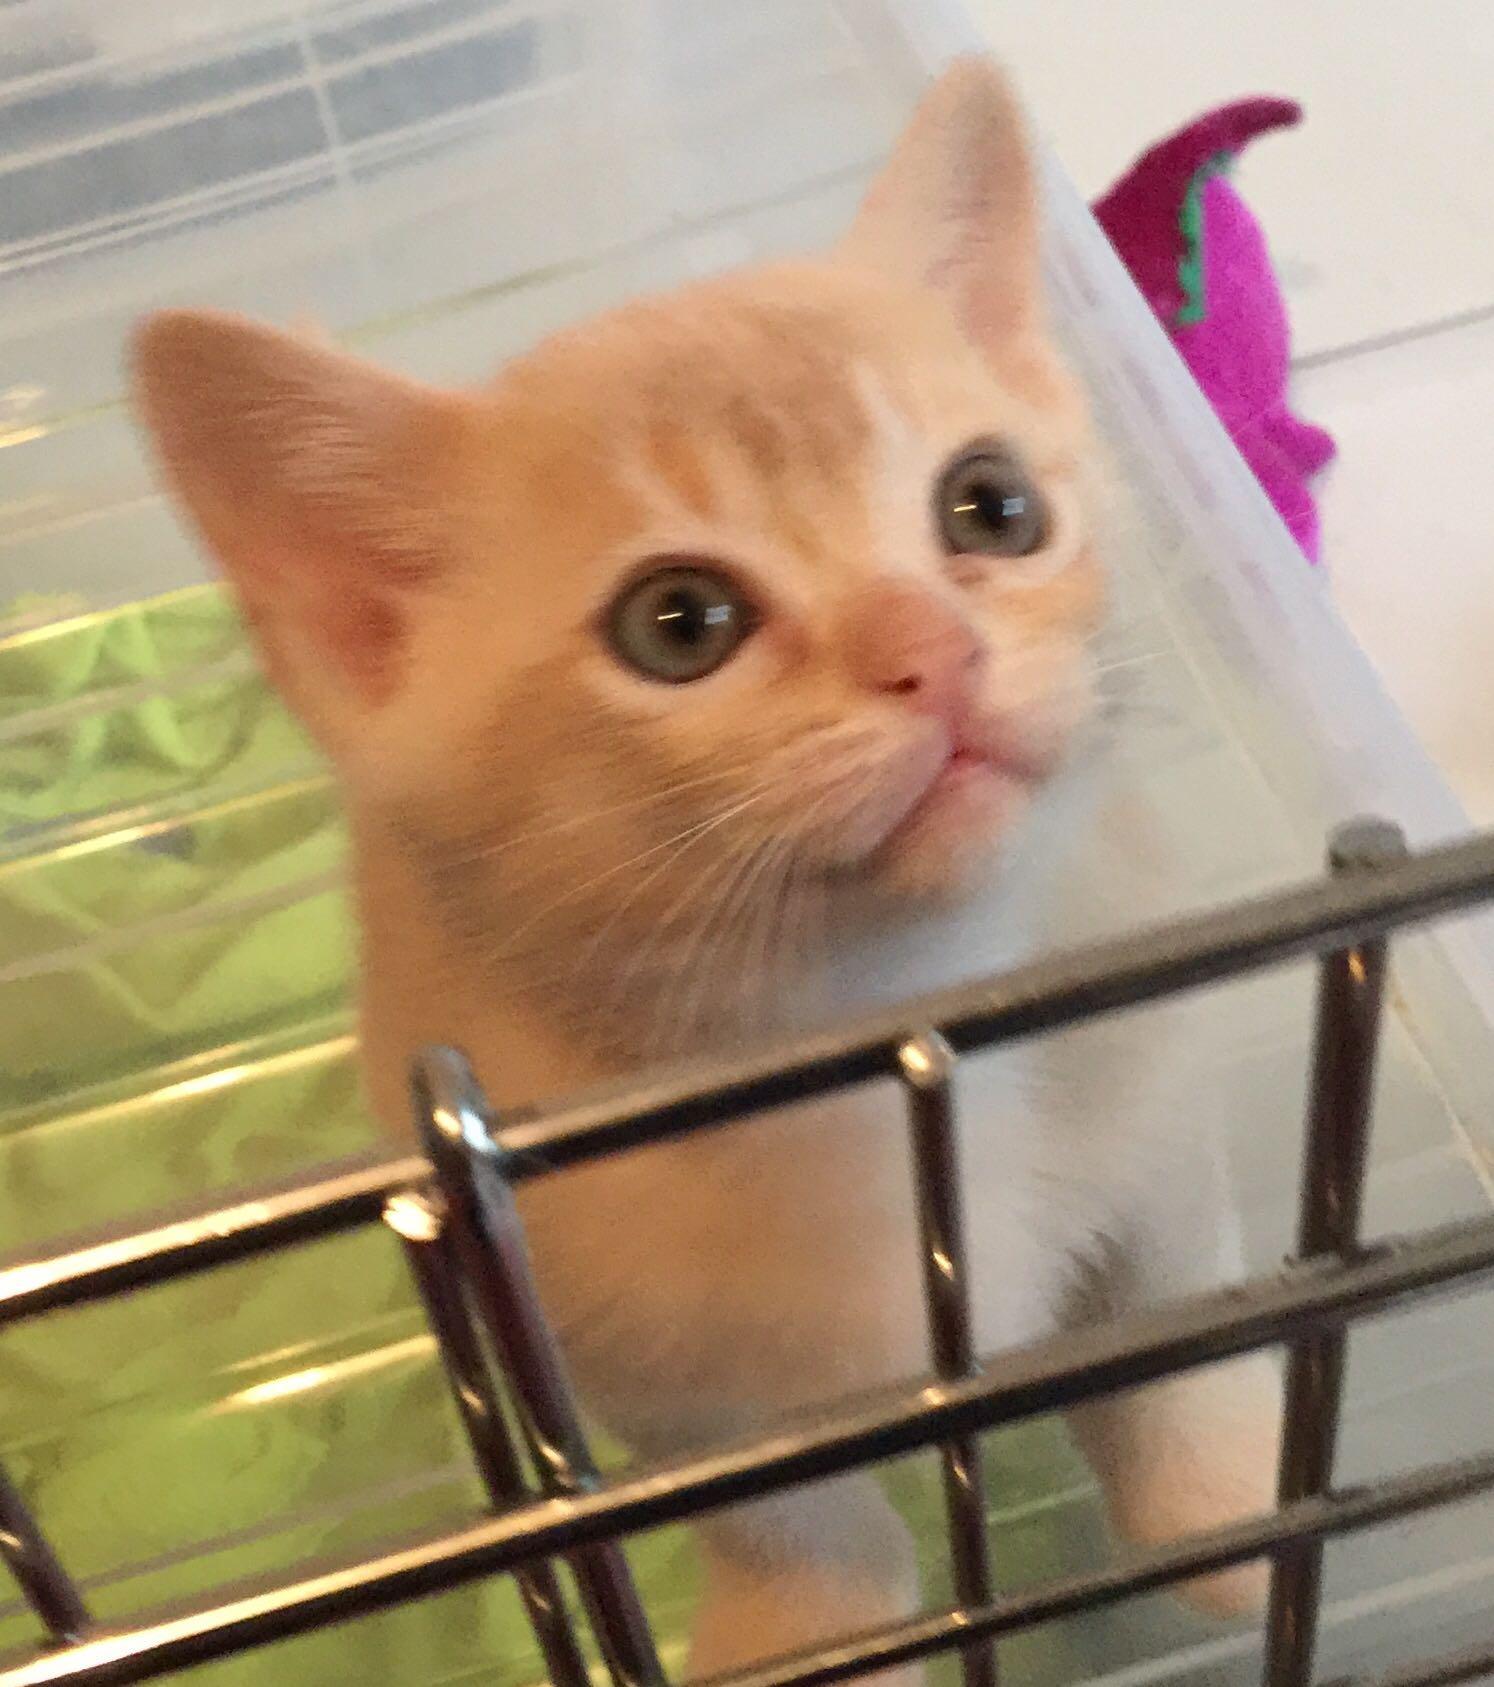 广州正规猫舍繁育直销纯种健康缅甸猫 欢迎咨询